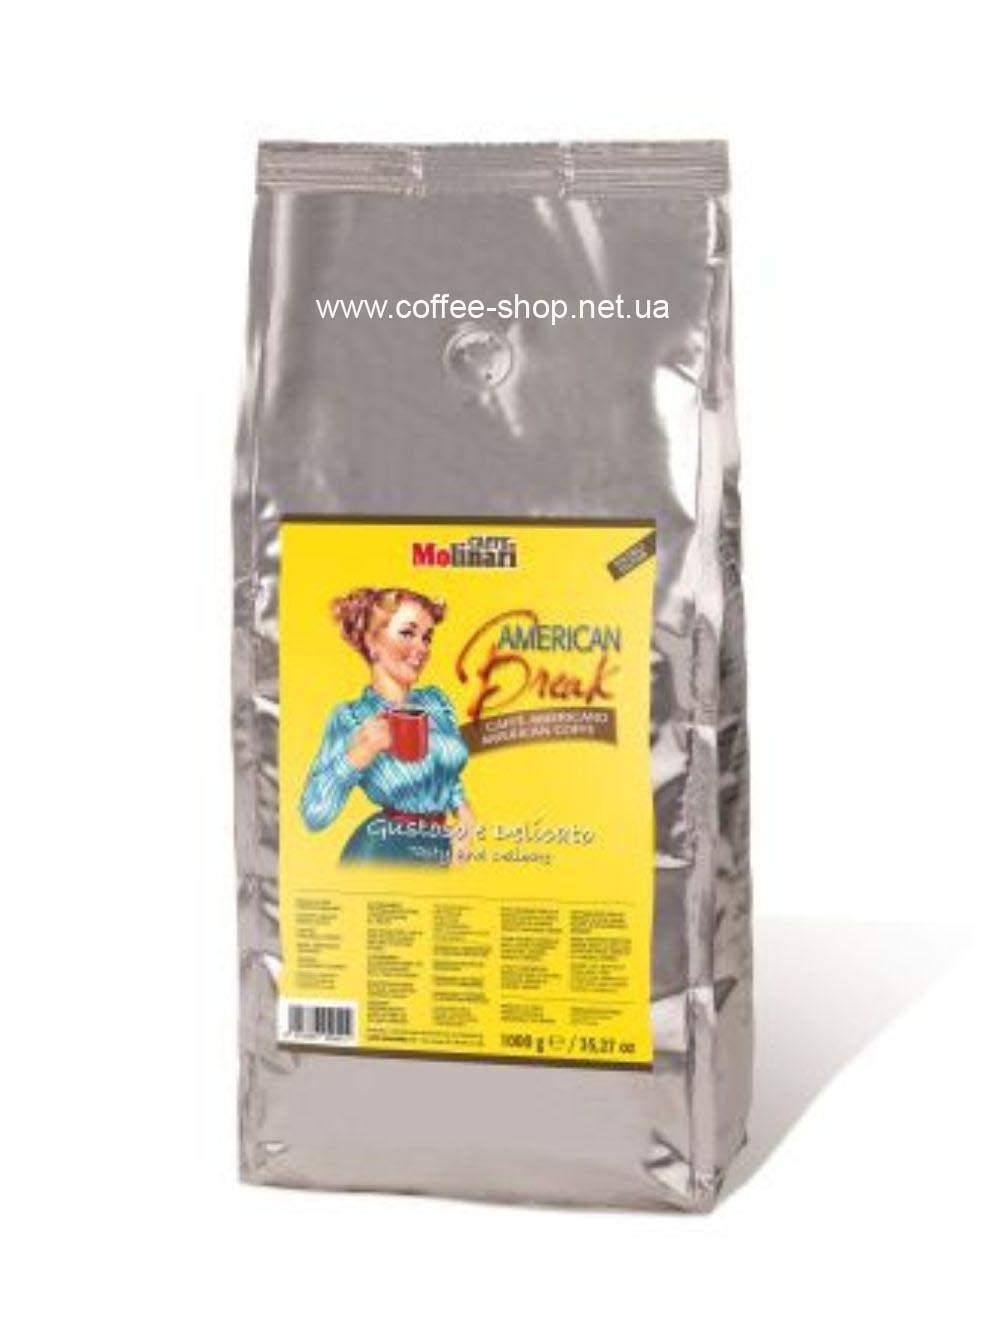 9901 | Кофе молотый Molinari FILTER COFFEE Americano 1 кг